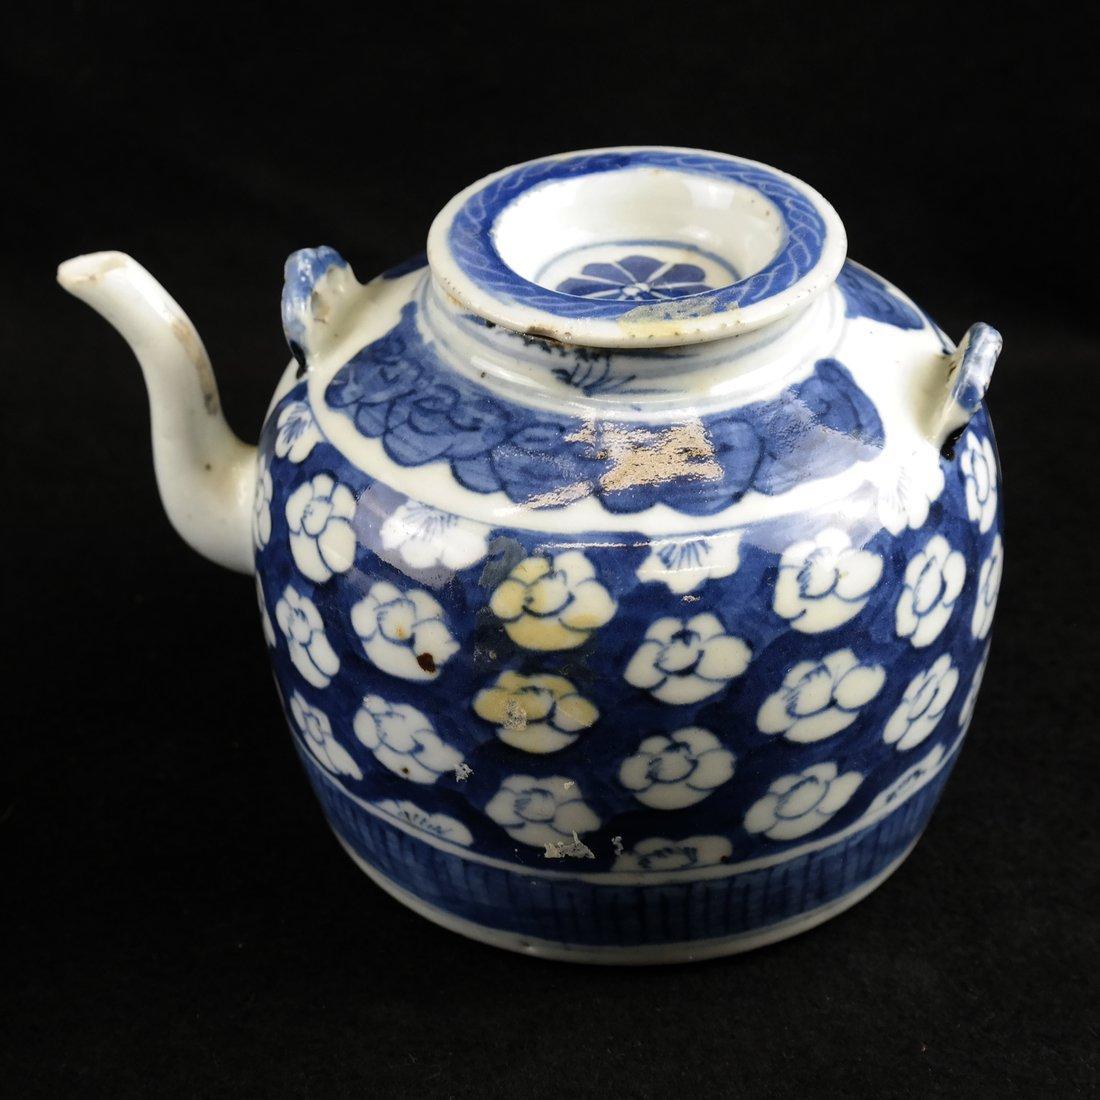 Six Pieces of Asian Porcelain - 2